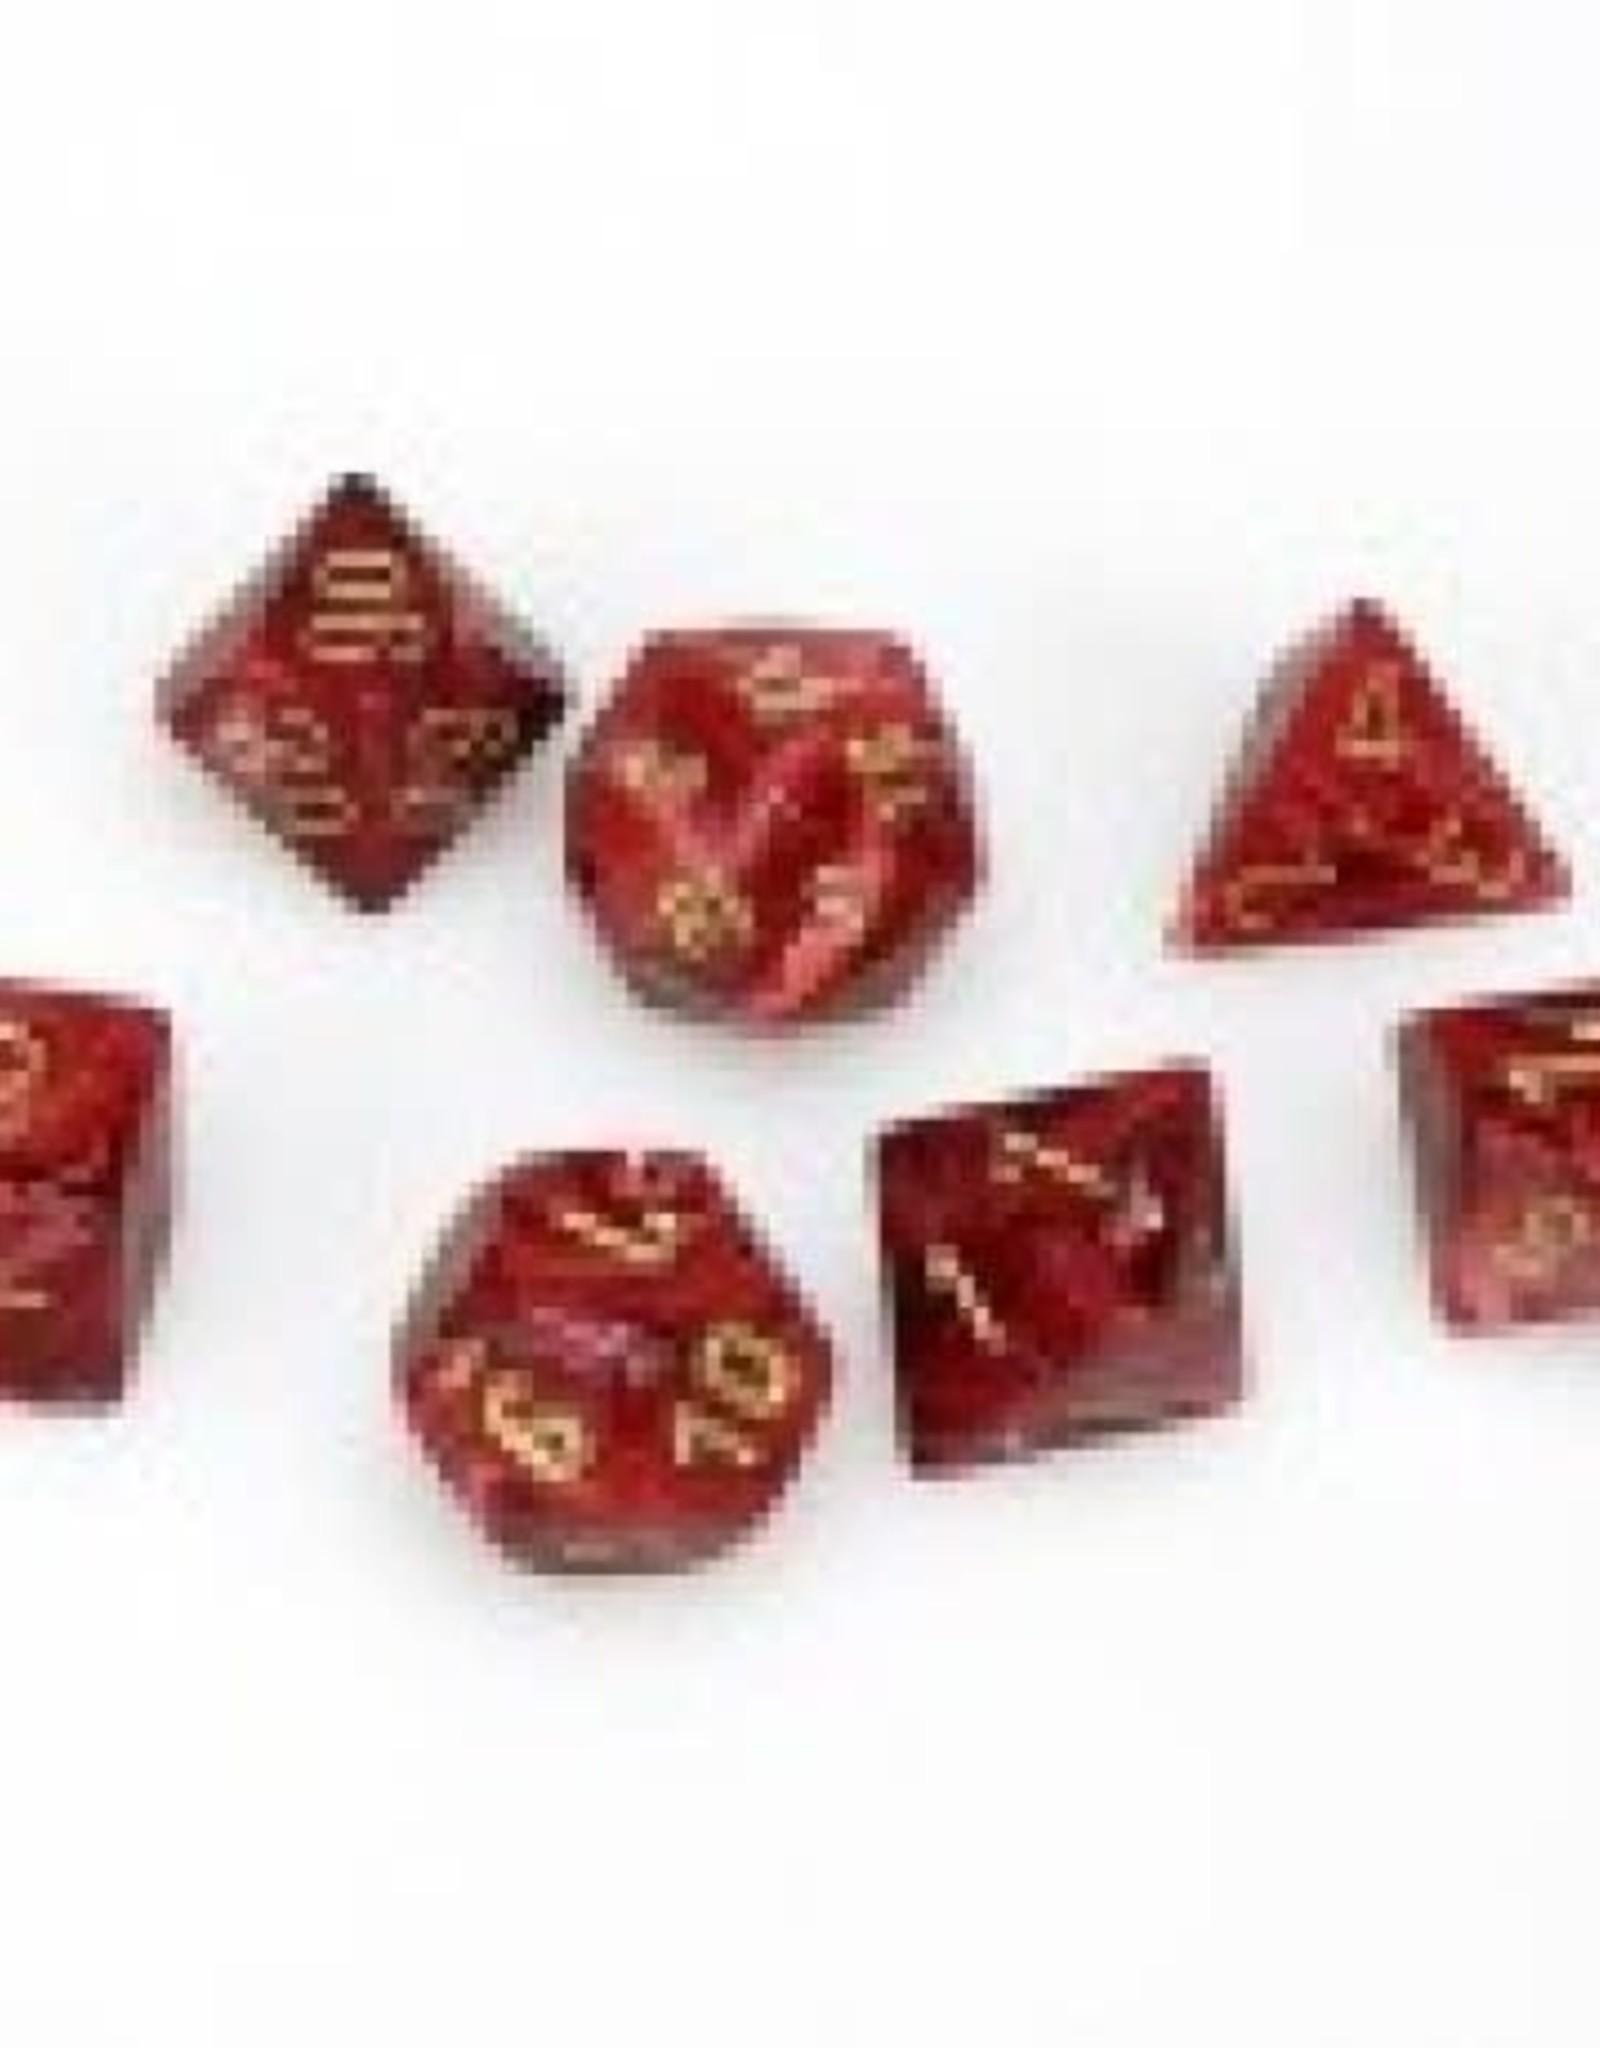 Chessex Gamersroll CHX27434 Chessex Manufacturing Vortex: Poly Burgundy/Gold